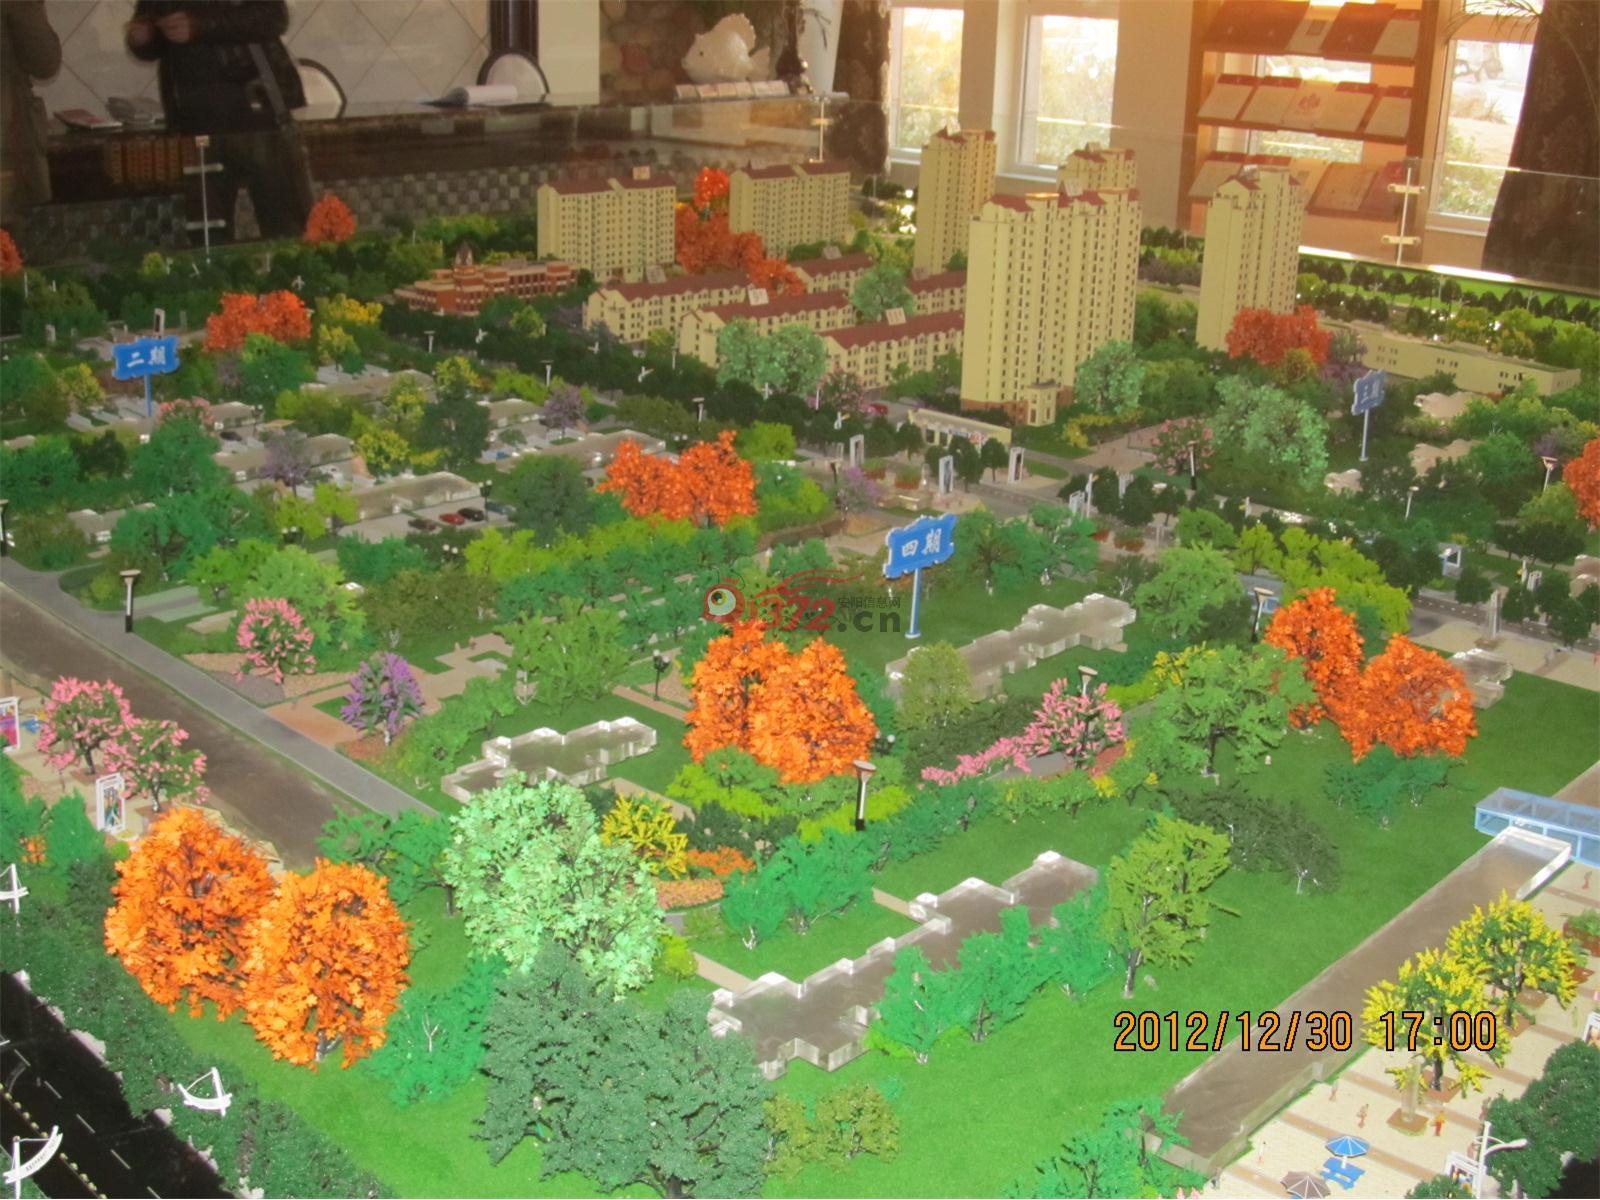 汤阴建业森林半岛楼盘相册 - 安阳信息网 房产频道